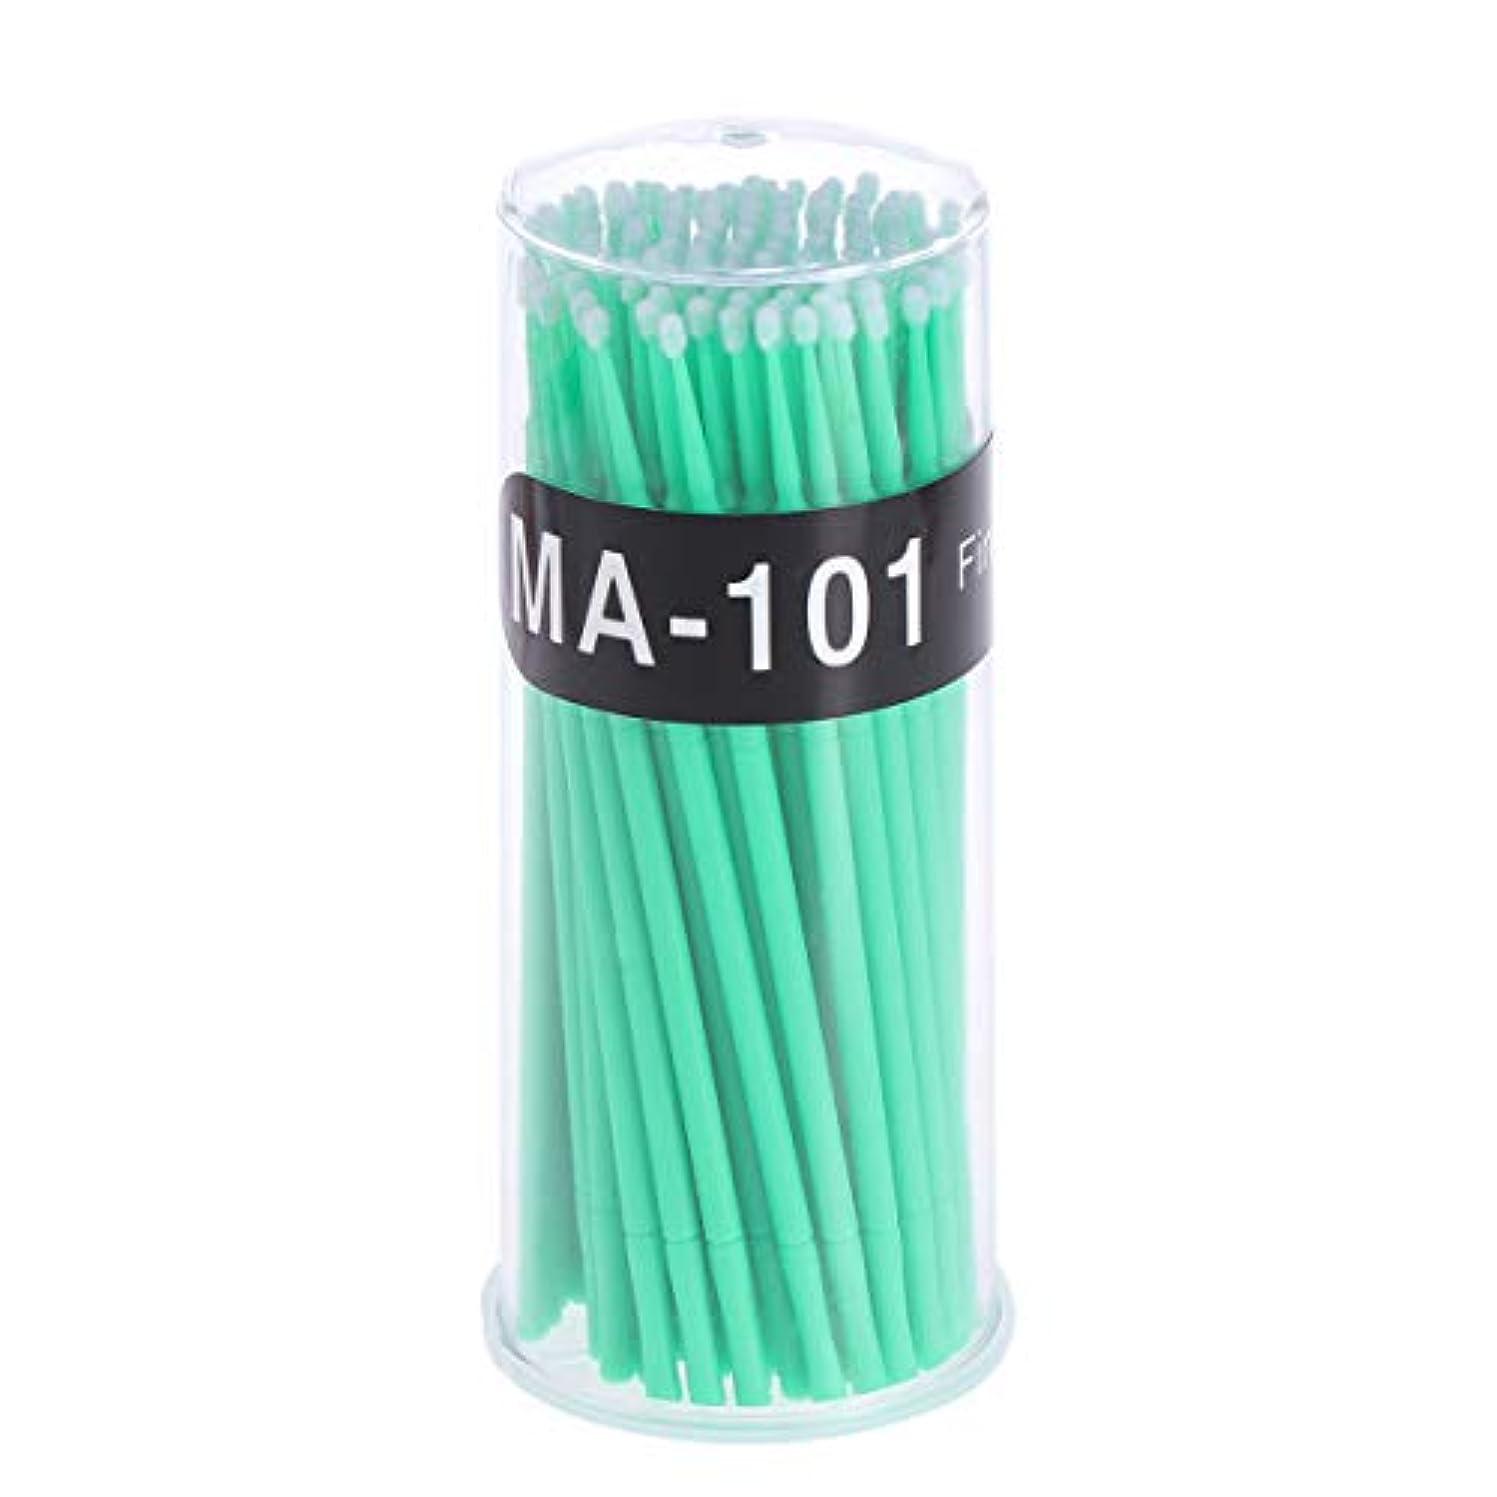 モーター上に築きます八100個使い捨てマイクロアプリケータブラシまつげエクステンション綿棒まつげマイクロブラシワンドメイクアップツール(グリーン、ブラシ直径2mm)